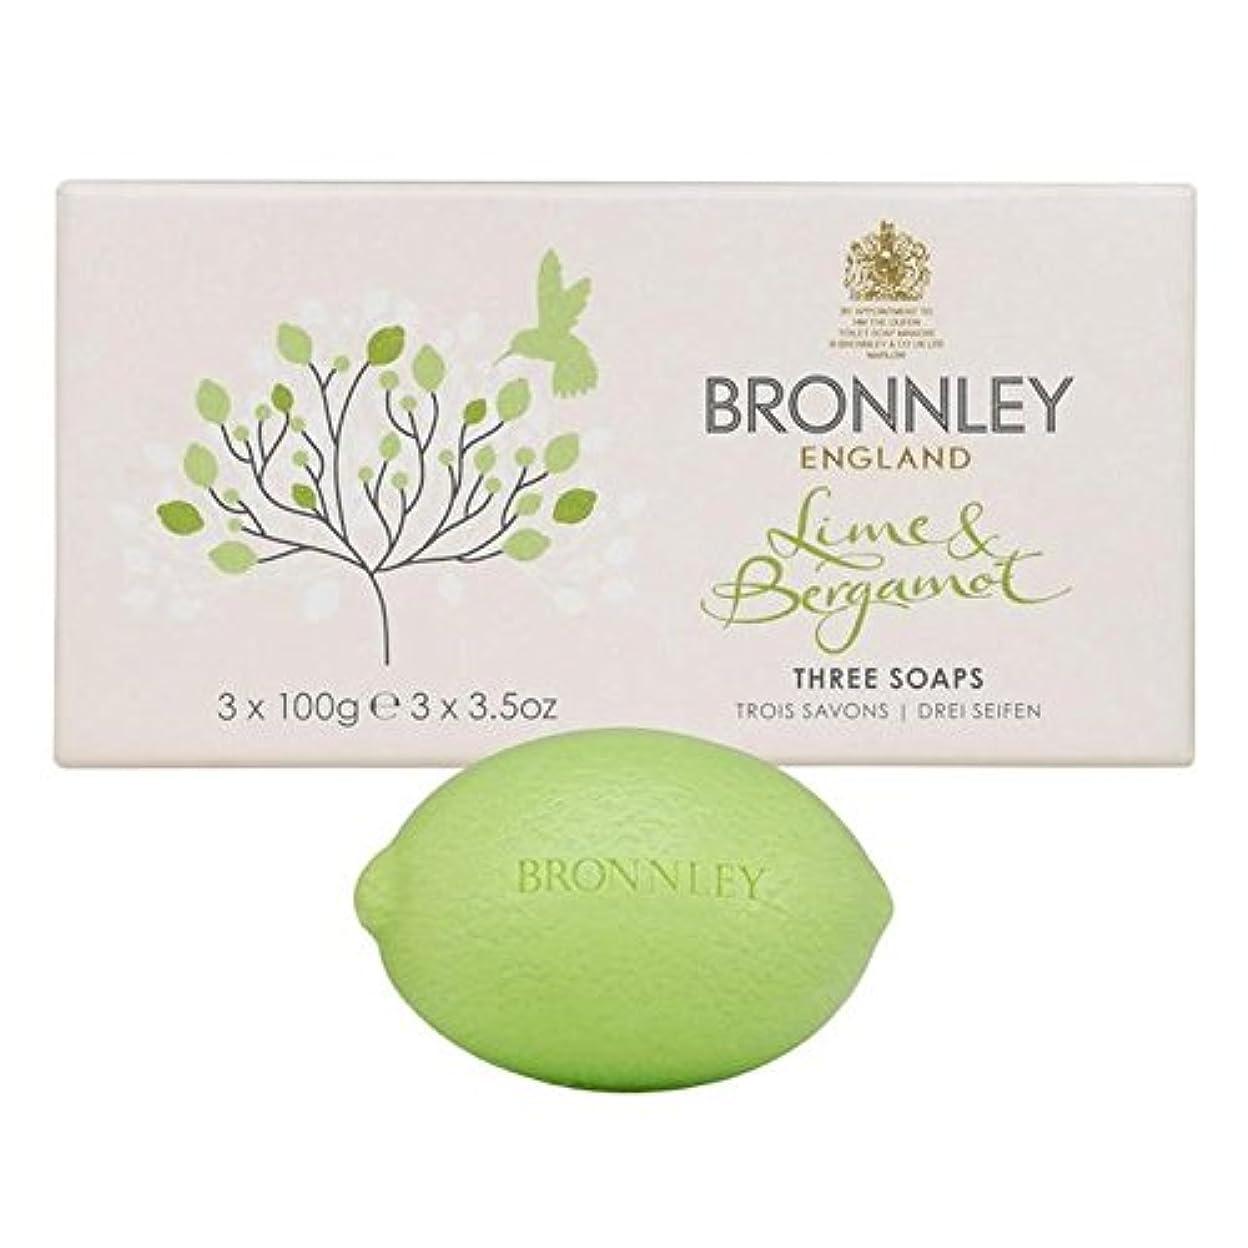 イースター満たす促すライム&ベルガモット石鹸3×100グラム x2 - Bronnley Lime & Bergamot Soap 3 x 100g (Pack of 2) [並行輸入品]